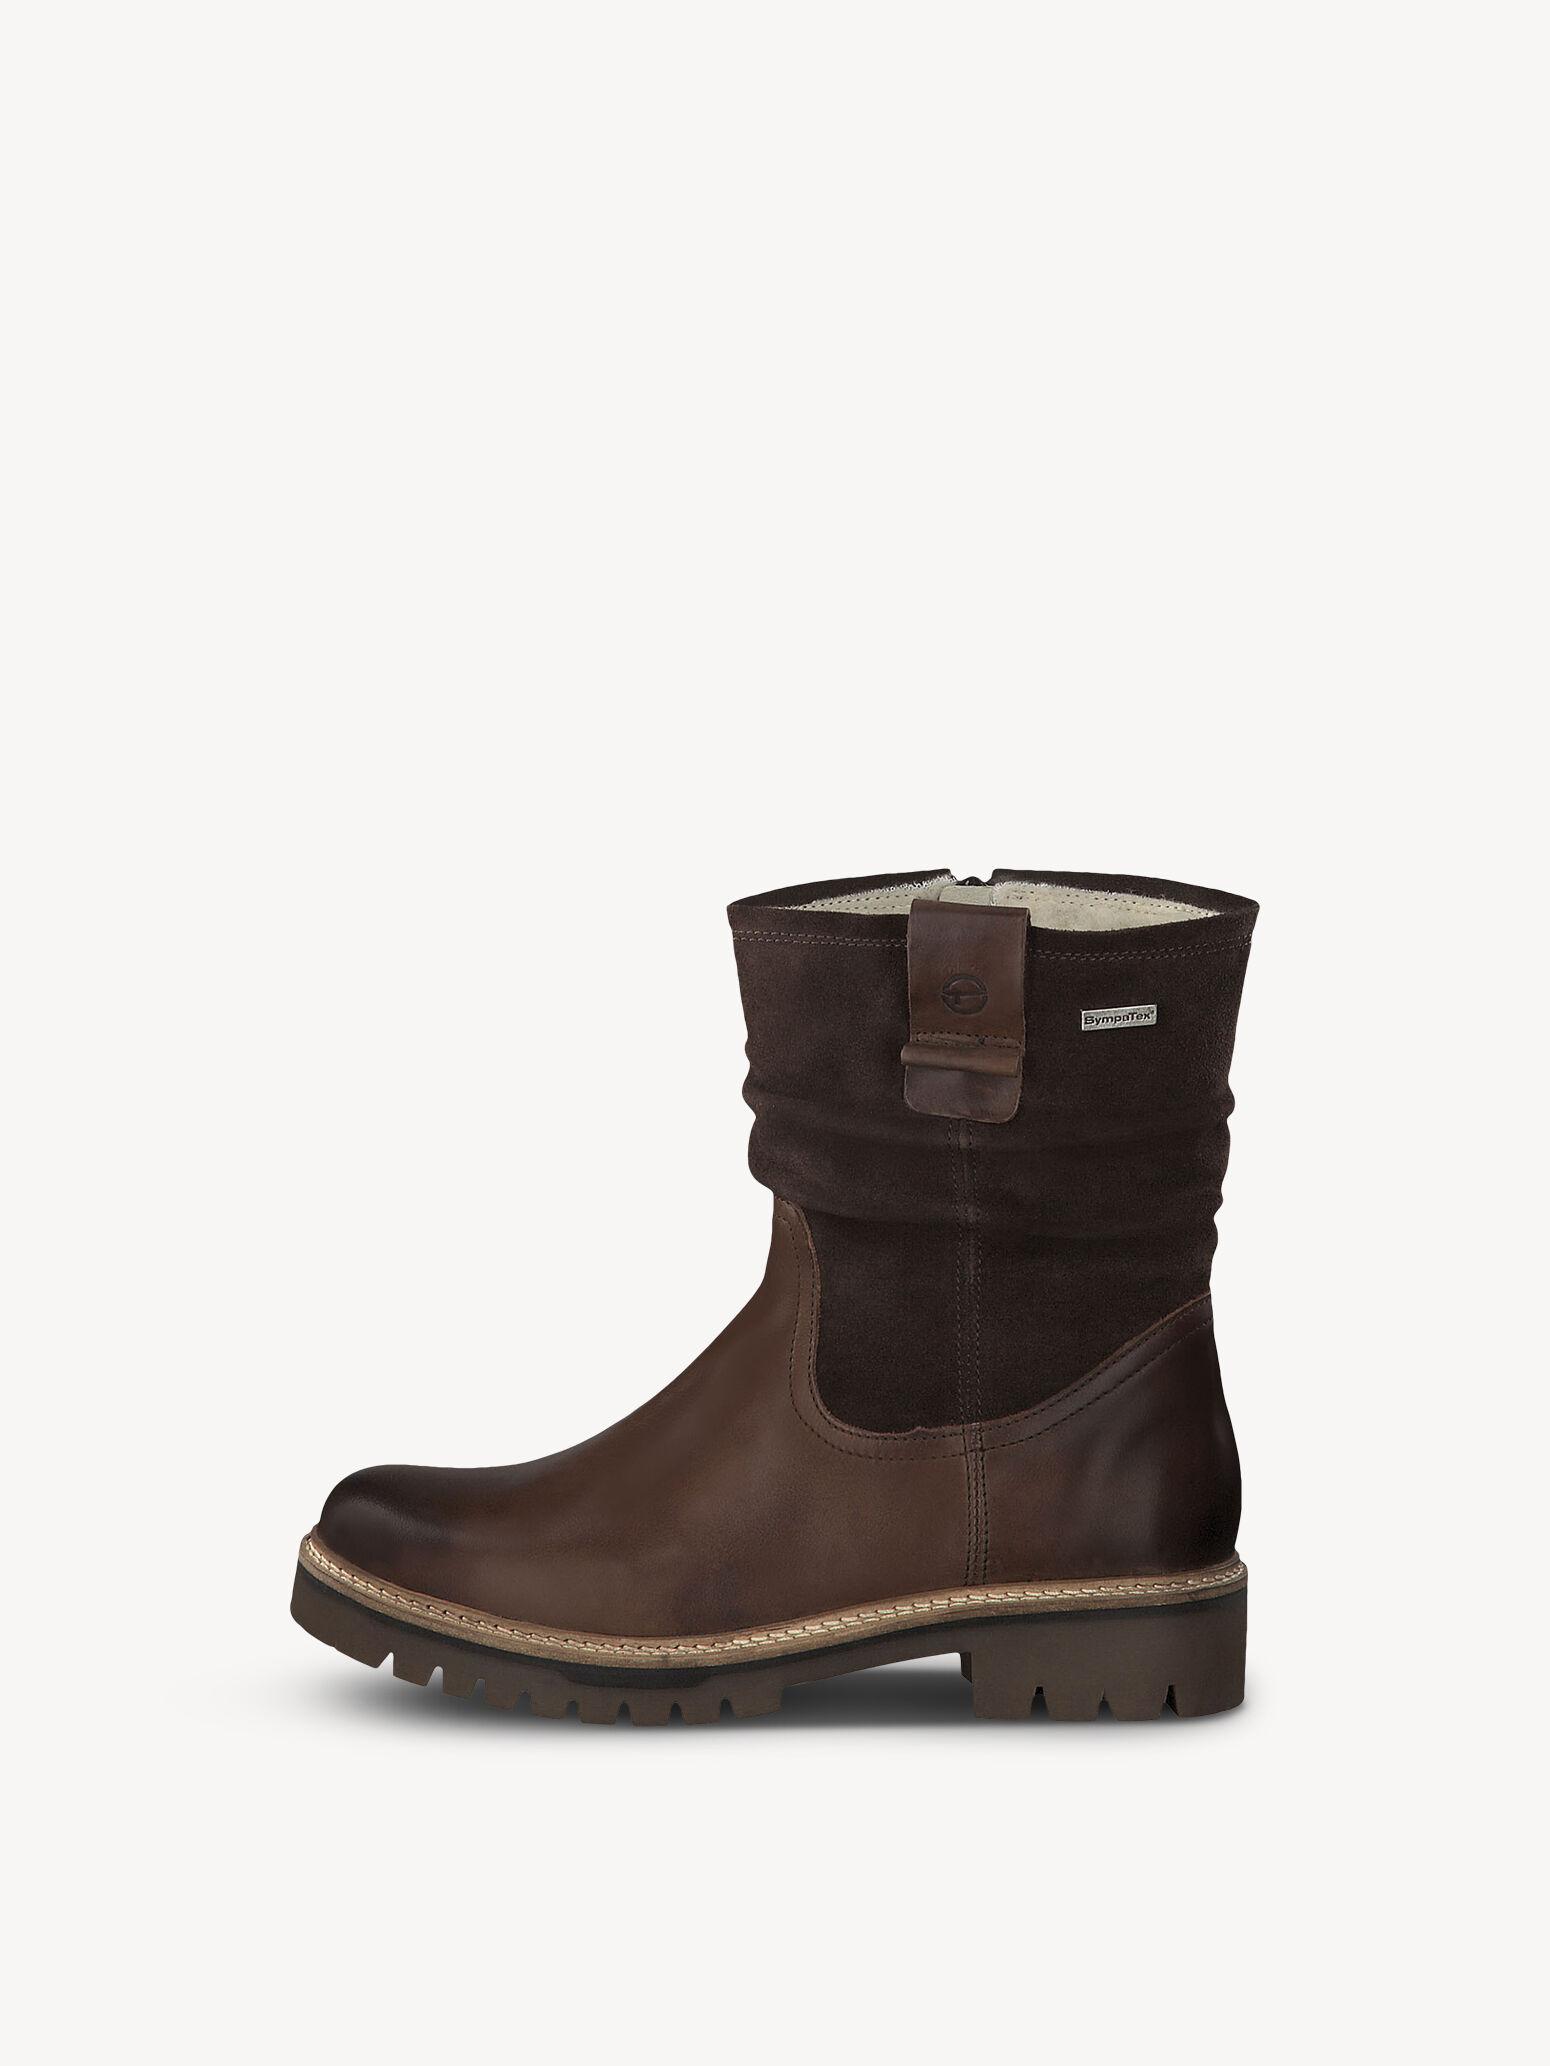 Damenschuhe Kleidung & Accessoires Damen Winterschuhe Boots Damenschuhe Stiefelette Outdoor Schuhe mit Kunstfutter